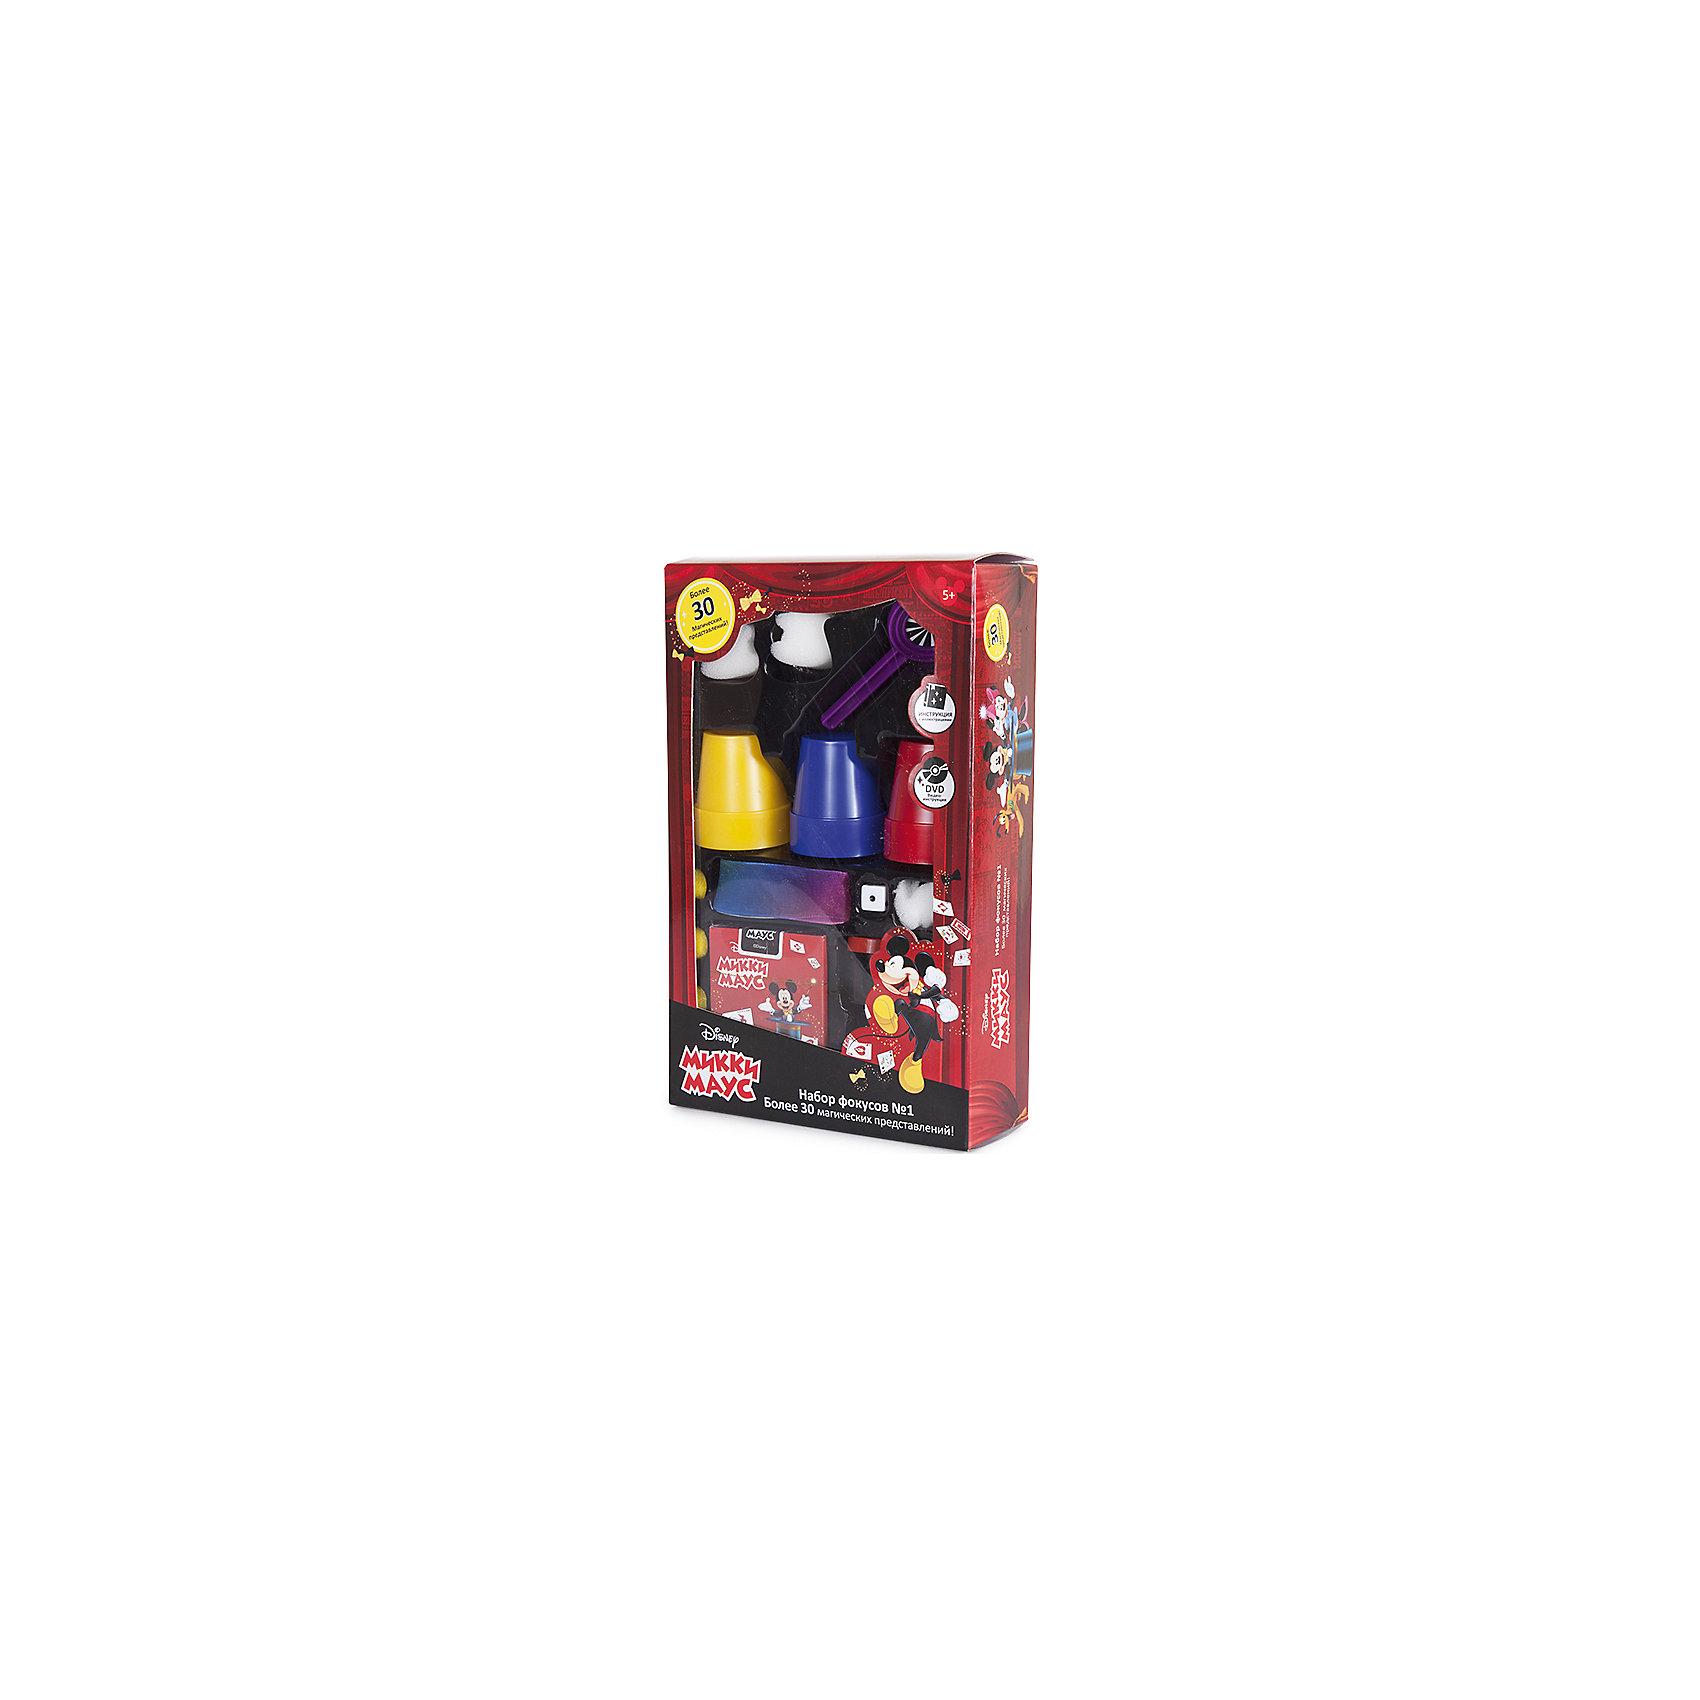 Набор для демонстрации фокусов Mickey Mouse (30 фокусов)Игры-фокусы<br>Такой набор для фокусов - отличный подарок для начинающих волшебников, поражающий воображение множеством приспособлений: карт, коробочек, кубиков, колец и даже шляпой!<br>Мастерское исполнение фокусов с наперстками и монетками, волшебной палочкой, магической вазой и всевозможные трюки на ловкость рук не вызовут сомнения, что перед Вами настоящий маленький фокусник и маг. Такие чудо превращения развивают творческое мышление, образное воображение, мелкую моторику и ловкость рук. <br>Набор выполнен из прочного и экологически чистого материала.<br><br>Набор содержит весь необходимый реквизит, подробную инструкцию с техникой выполнения трюков и видео-инструкцию на DVD диске.<br><br>Дополнительная информация:<br><br>- Материал: нетоксичный пластик.<br>- Возраст ребёнка: от 6 лет.<br>- В наборе: реквизит для показа фокусов (30 предмета), инструкция и DVD диск.<br>- Размер упаковки: 17х6,5х27 см.<br><br>Купить набор для демонстрации фокусов Mickey Mouse  можно в нашем магазине.<br><br>Ширина мм: 17<br>Глубина мм: 65<br>Высота мм: 270<br>Вес г: 325<br>Возраст от месяцев: 72<br>Возраст до месяцев: 192<br>Пол: Унисекс<br>Возраст: Детский<br>SKU: 4753819